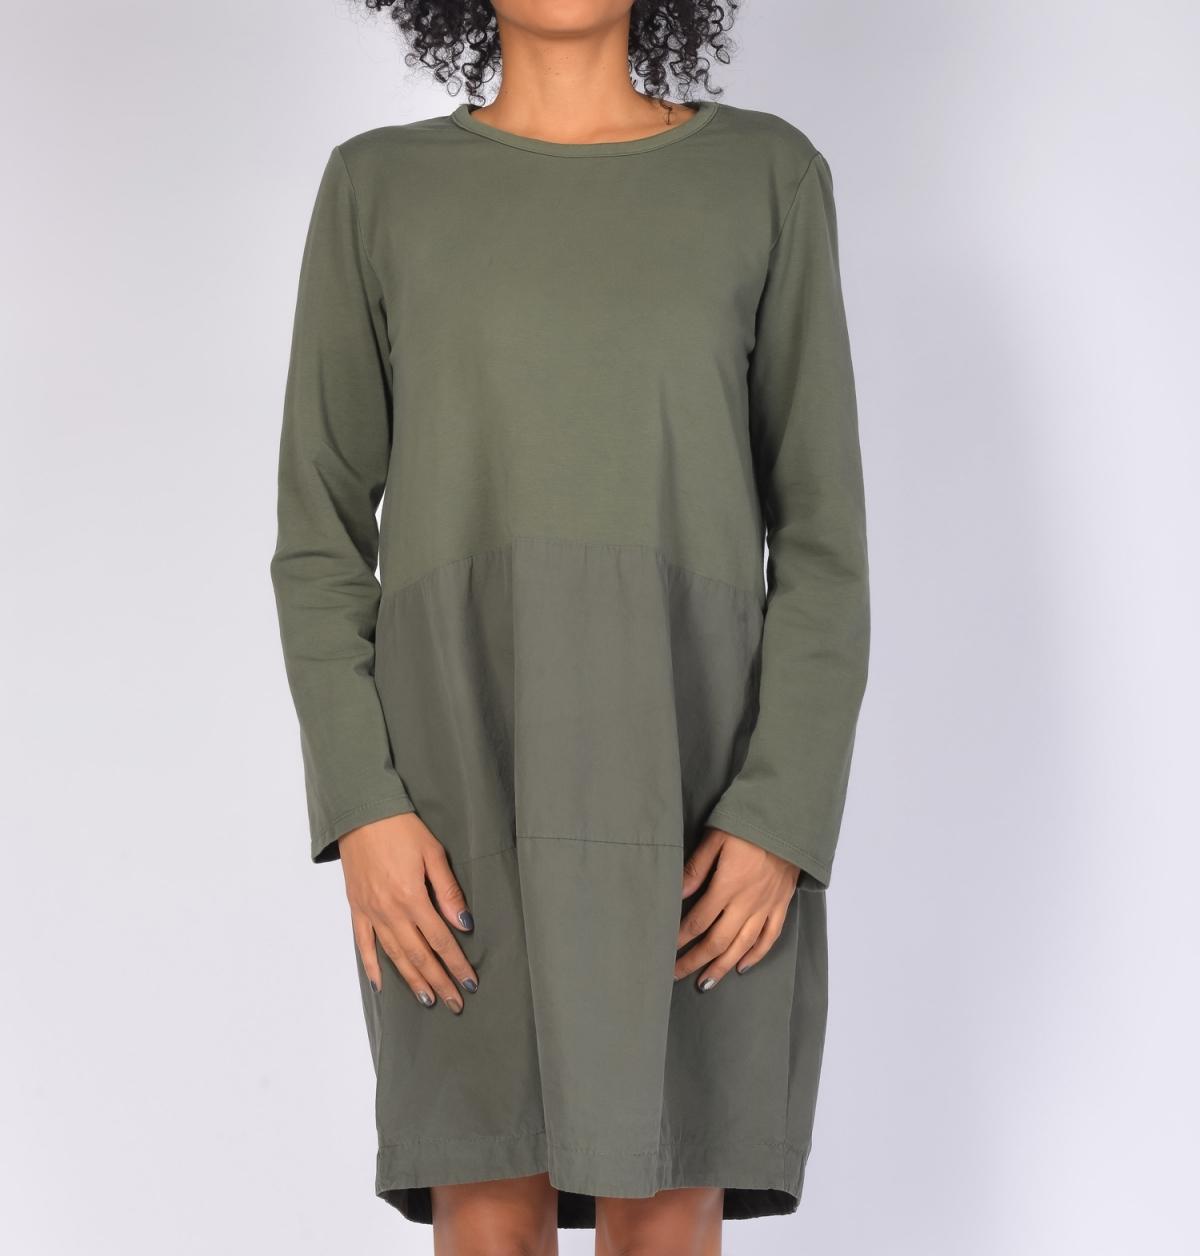 платье с длинным рукавом свободного кроя фото